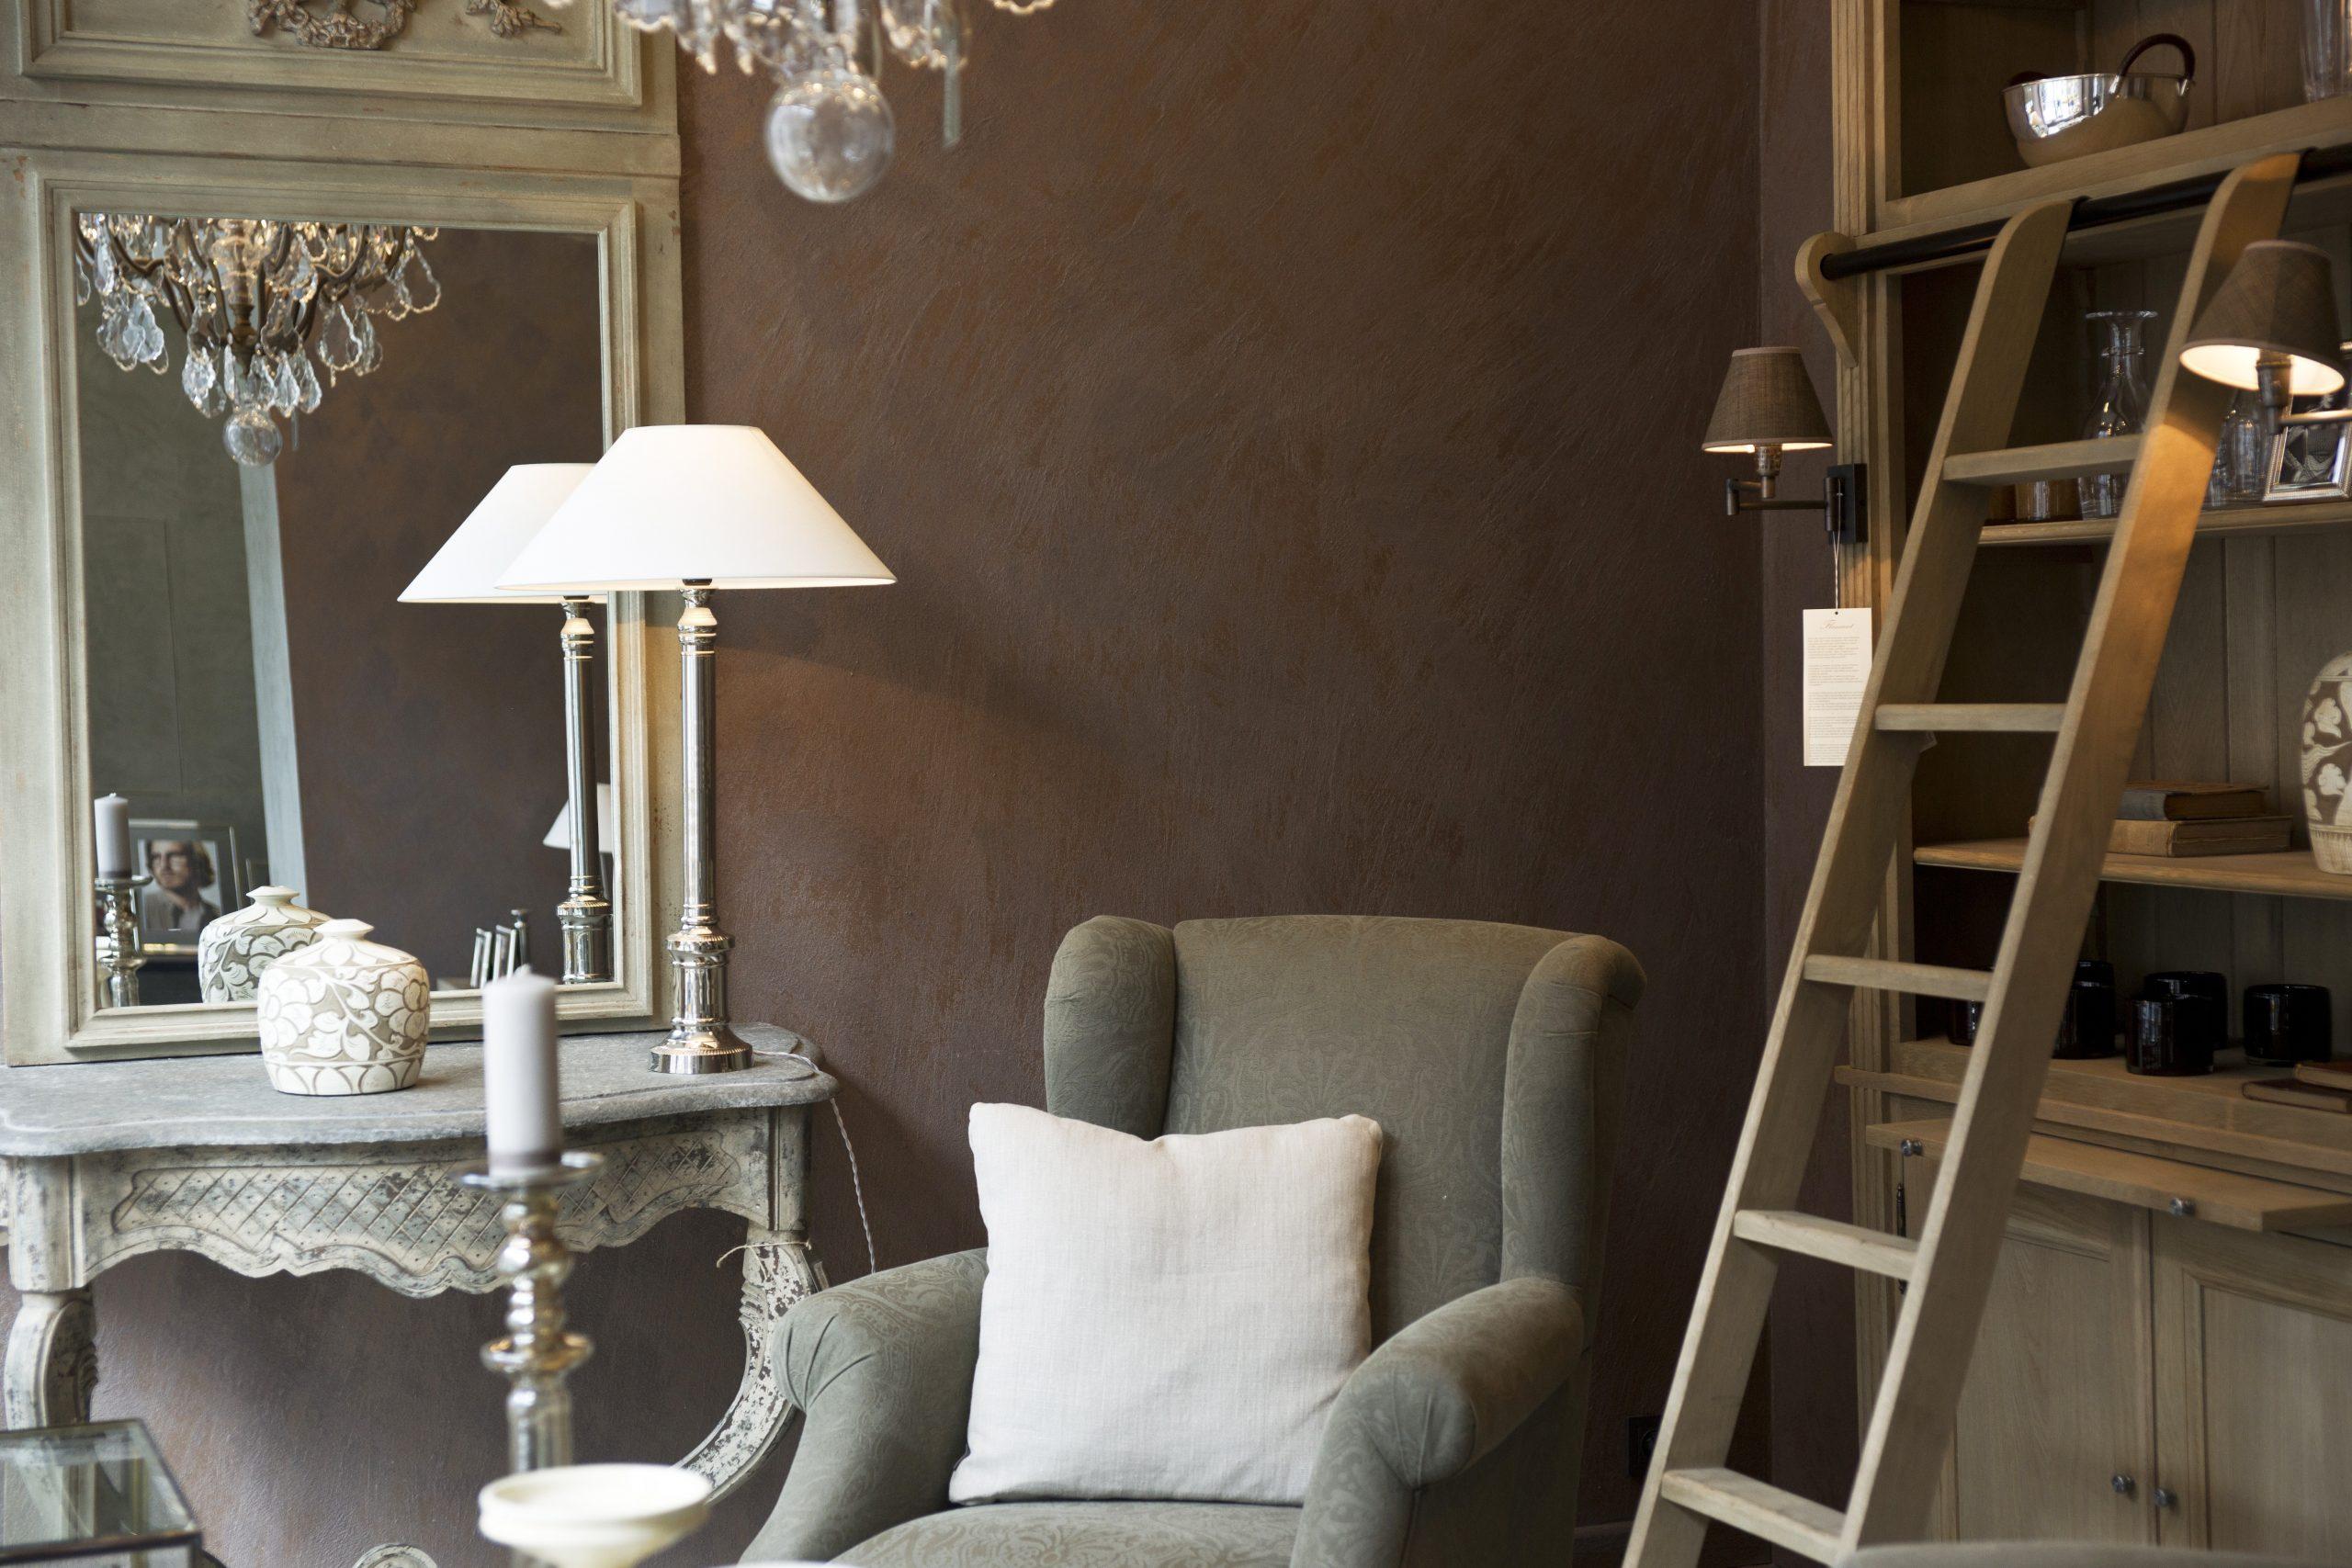 Imagem mostra uma escada de sete degraus em uma sala.